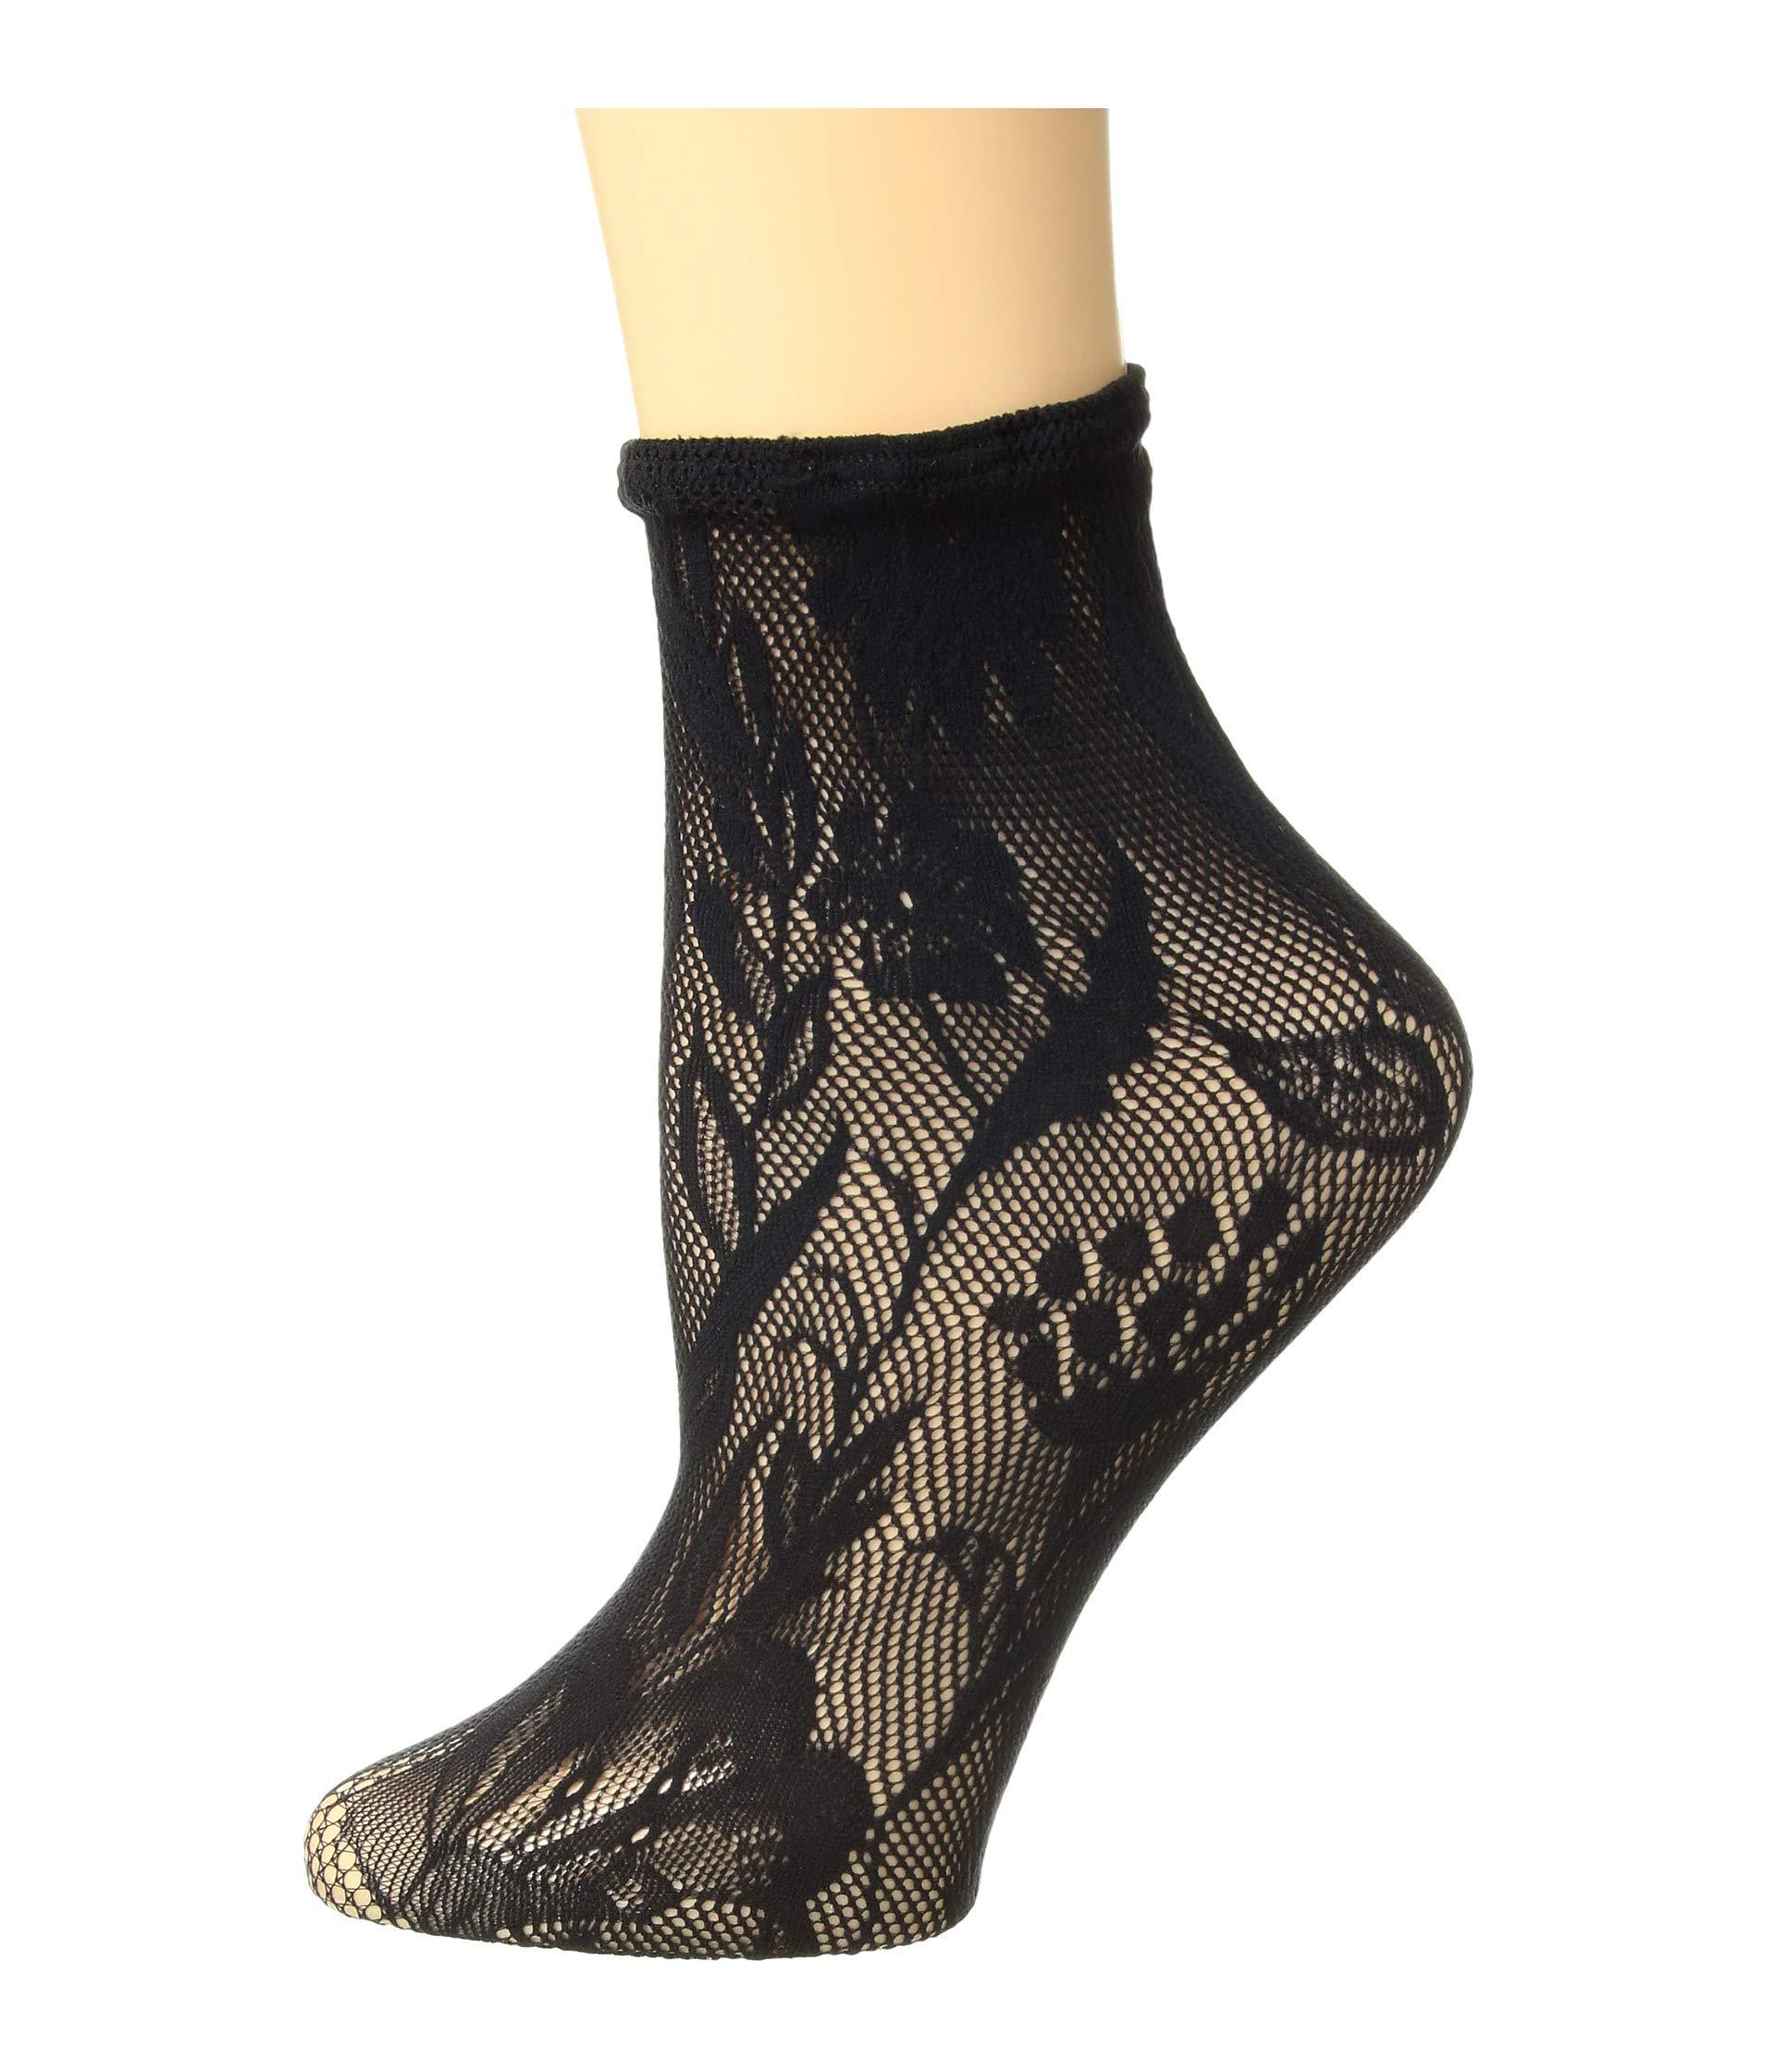 Net Wolford Wolford Wildflower Black Net Socks Socks Wildflower fHn4tZ